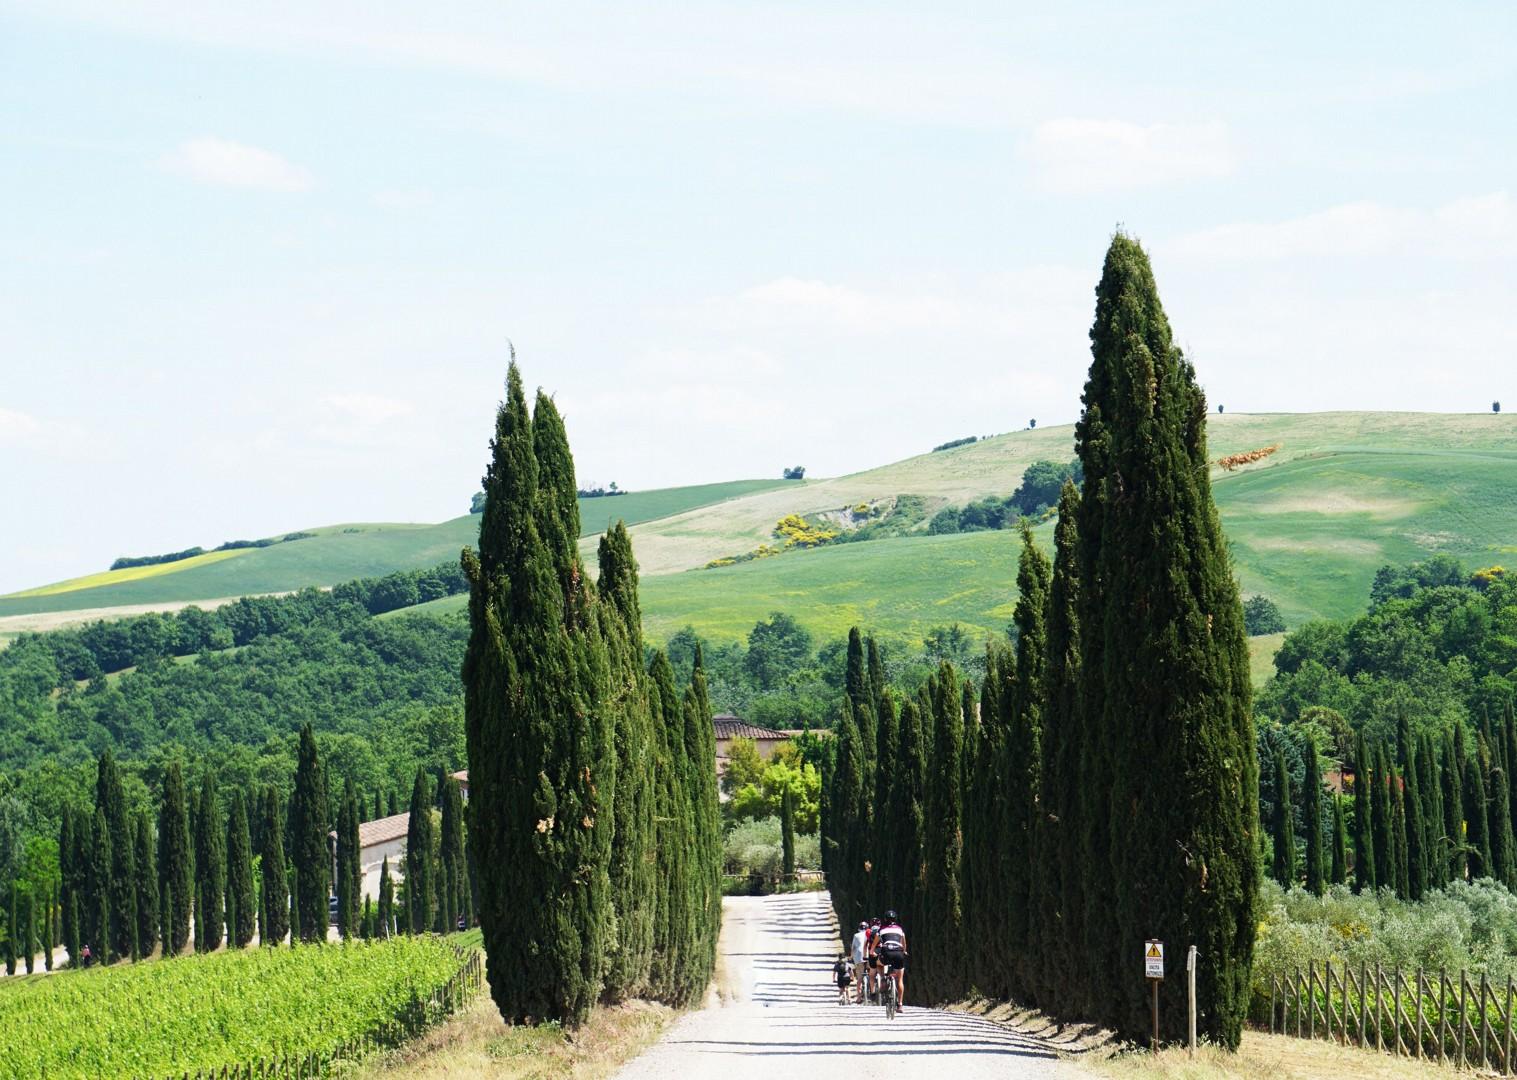 groves-italy-tuscany-cycling-holiday.jpg - Italy - Tuscany Tourer - Guided Road Cycling Holiday - Road Cycling